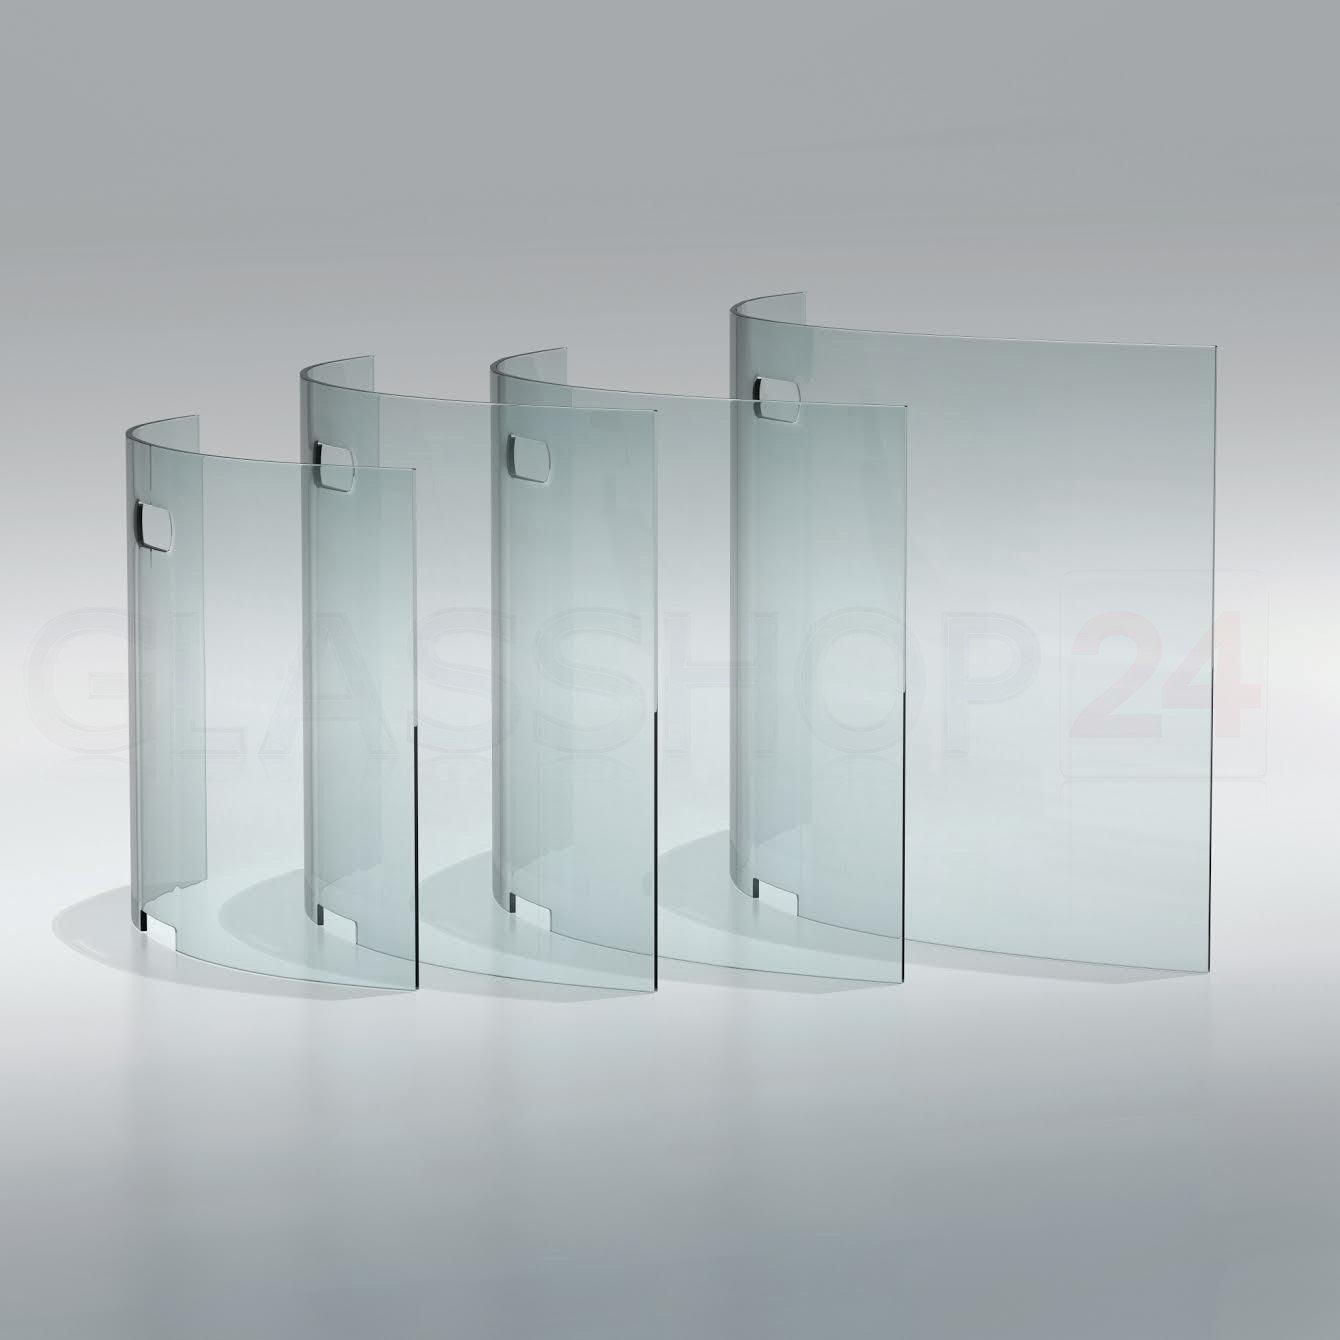 Kamin Ofen Glas Funkenschutzgitter Funkenschutz Schutzgitter / Kostenloser Versand | 95x55x21cm (BxHxT)   Überprüfung und Beschreibung